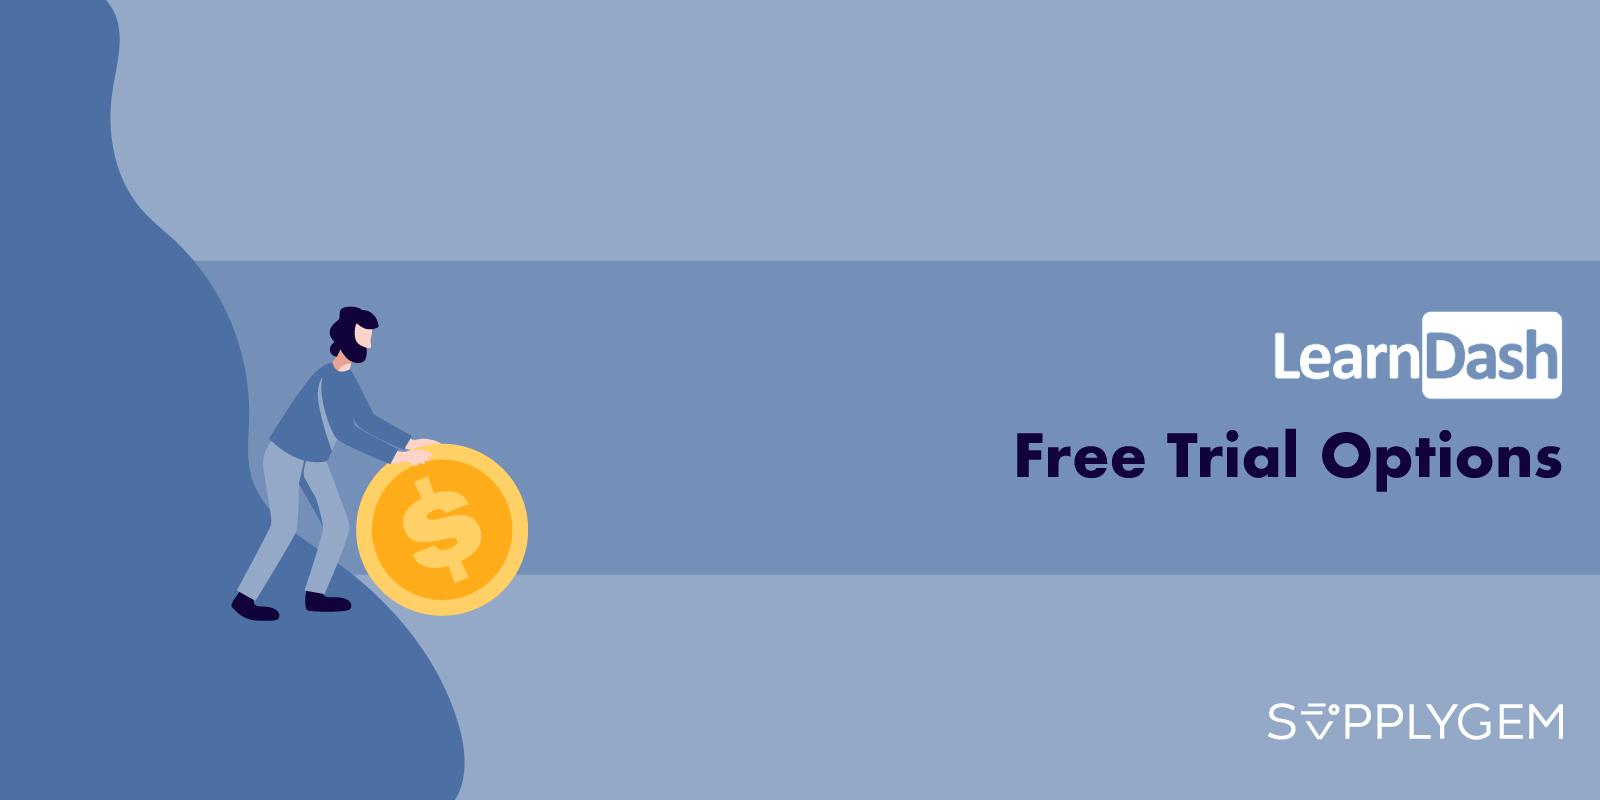 LearnDash Free Trial - Start 30 Days LearnDash Trial 2021